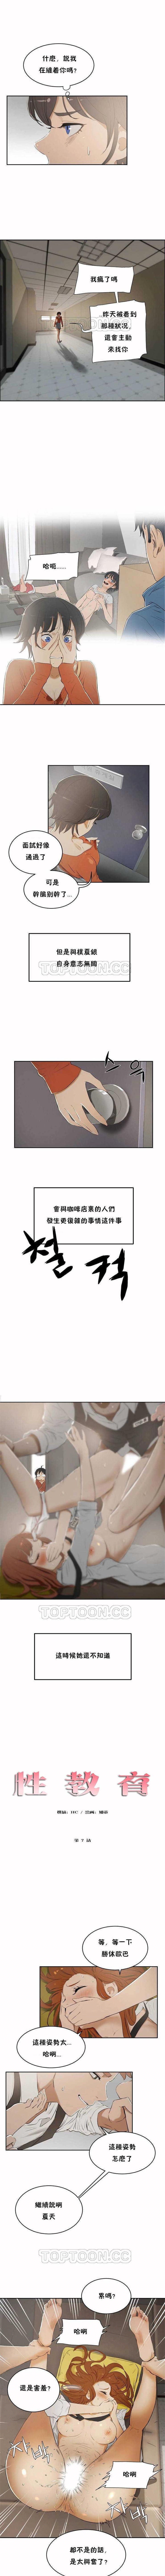 性教育 1-48.5 中文翻译(完結) 32